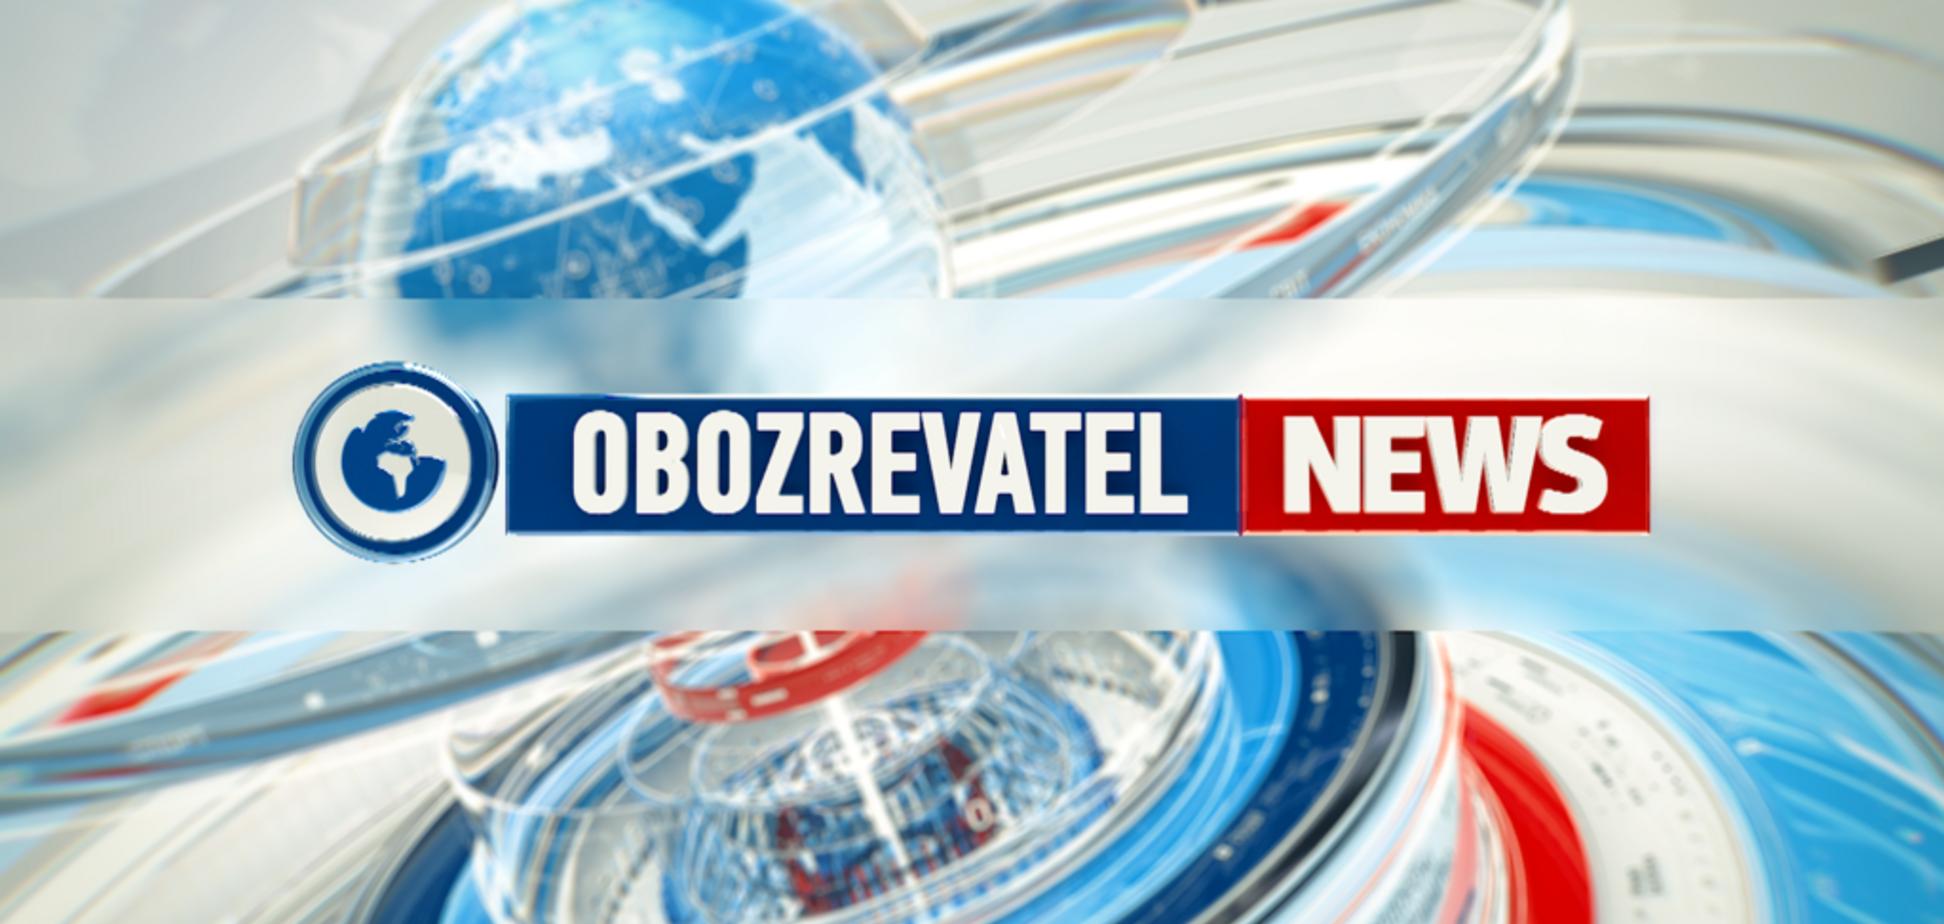 Банк конфисковал золото: Obozrevatel News